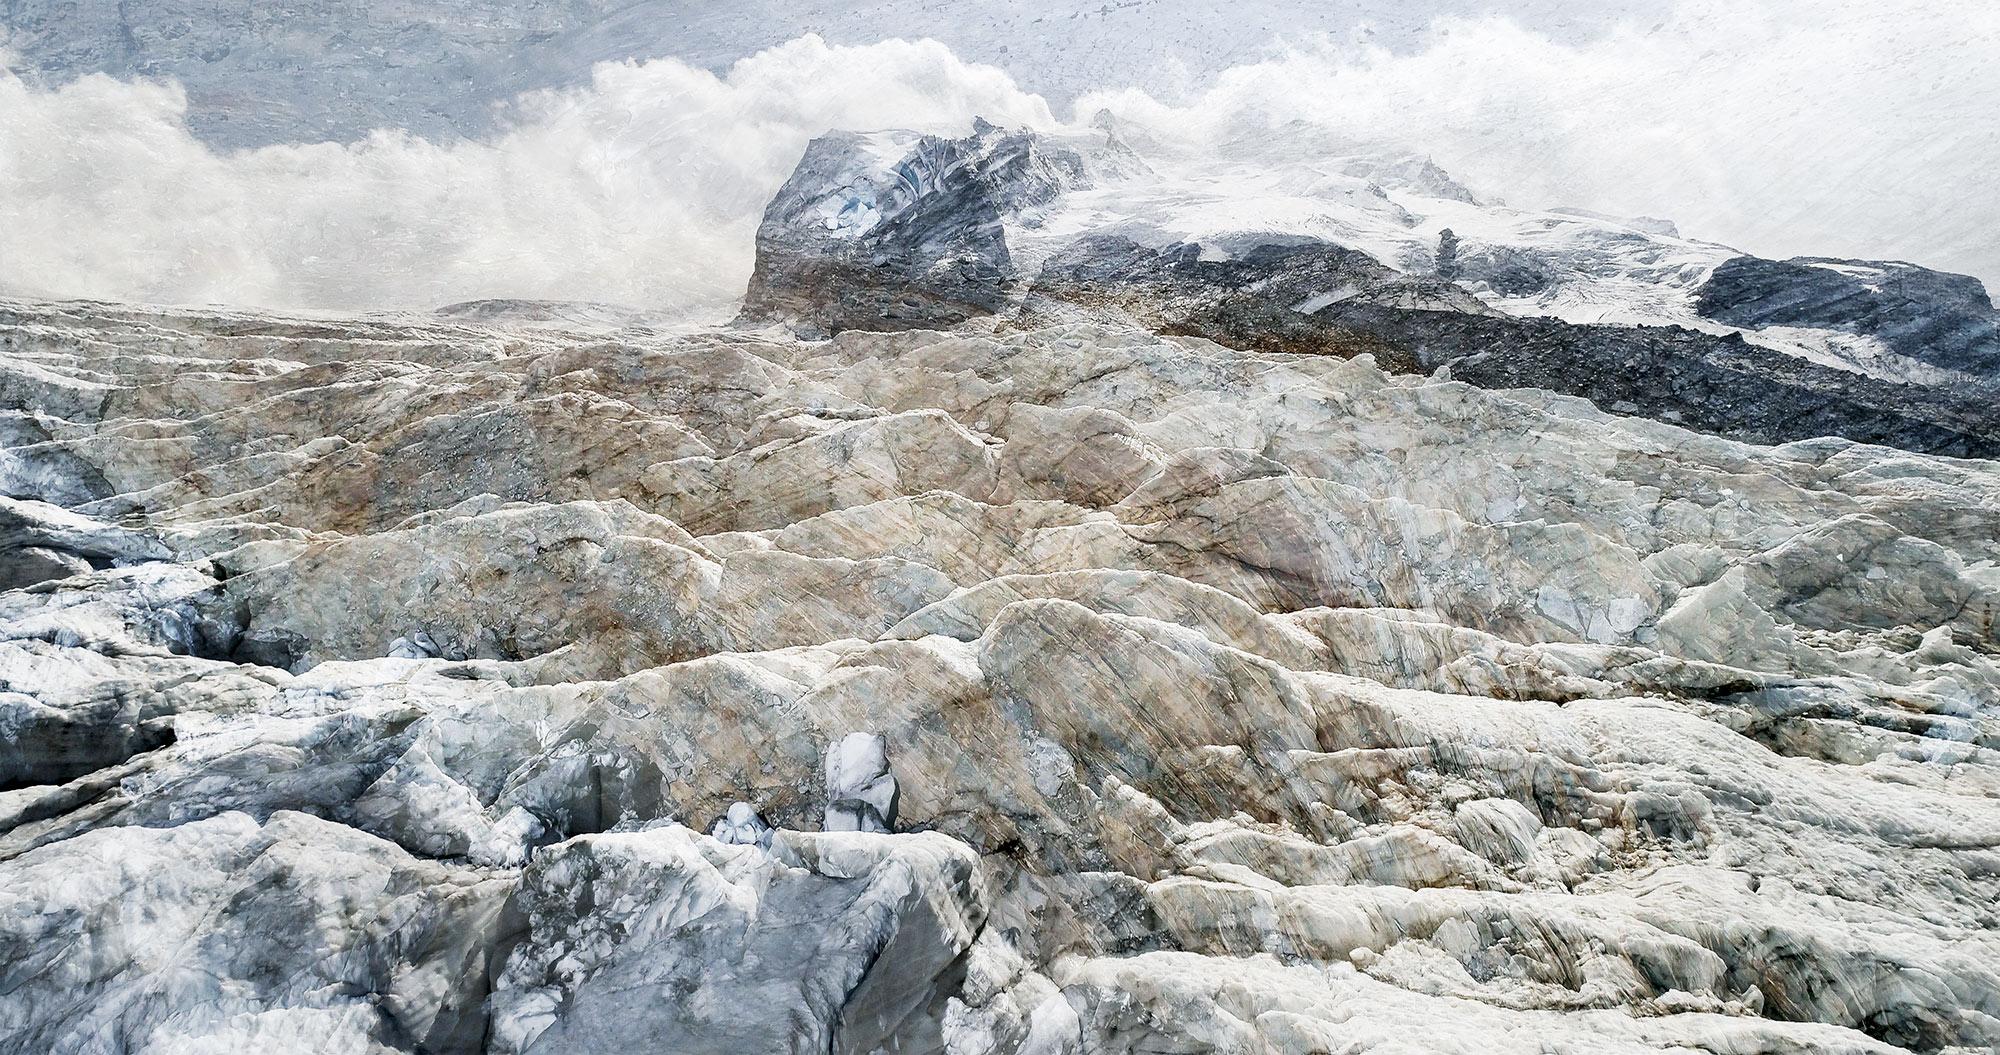 #33 Glaciers offset, 2017, photographie reconstruite à partir de bandes videos, réalisées sur le glacier Gornergletscher  #33 Glaciers offset, 2017, photographie reconstruite à partir de bandes videos, réalisées sur le glacier Gornergletscher